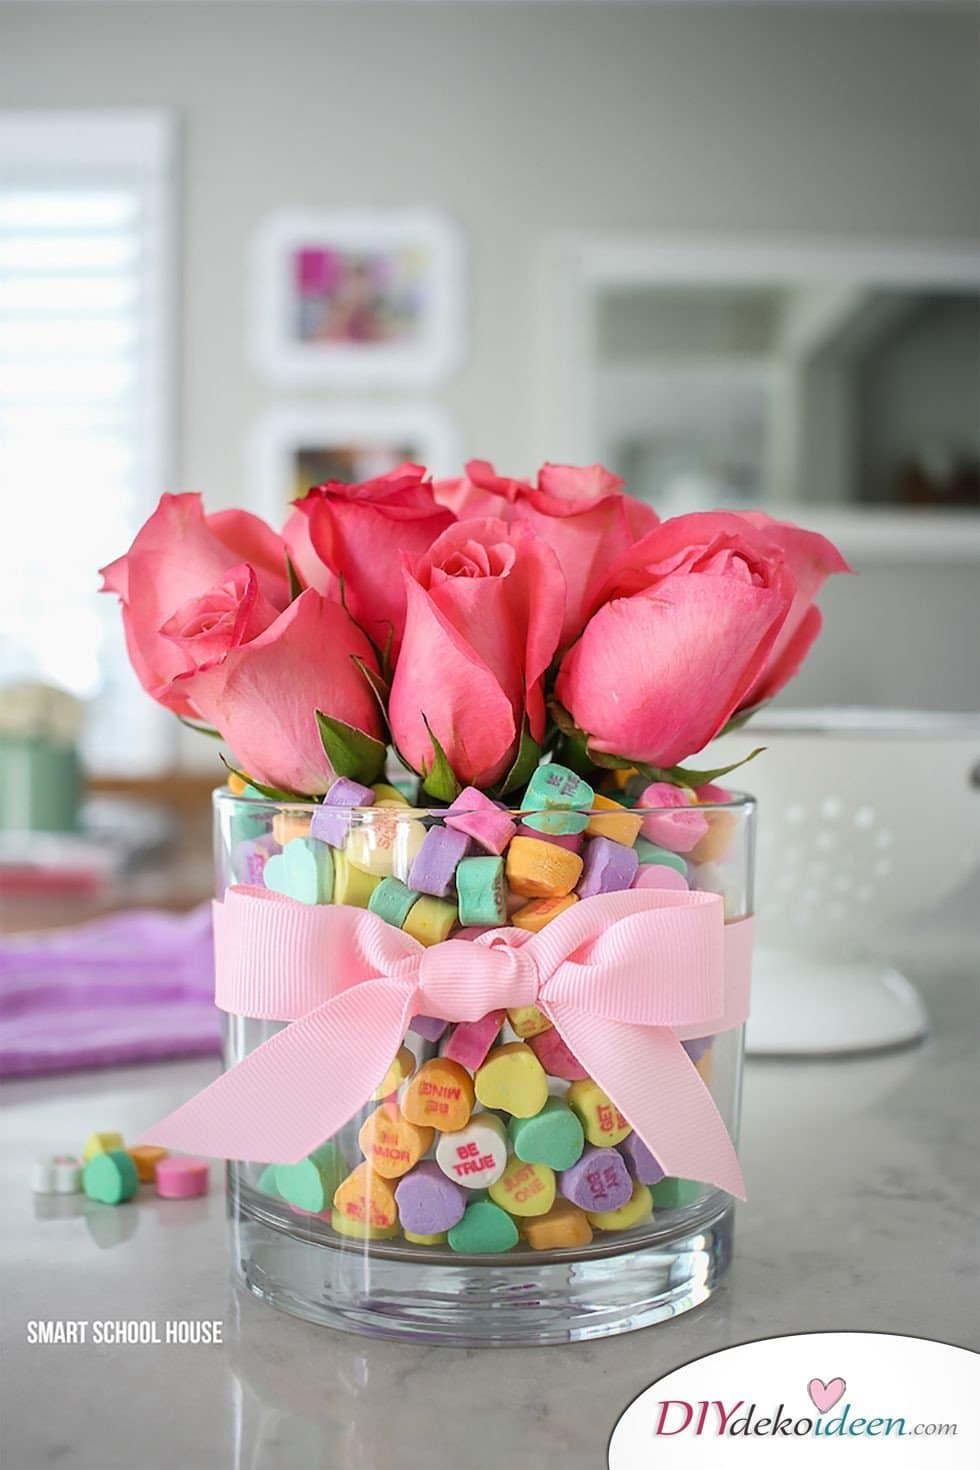 Blumenschmuck Valentinstag, Tischdeko, , Valentinstag Deko Ideen, Deko Valentinstag, dekorieren, DIY Dekoideen, Deko basteln, romantische Deko, Tischdeko Valentinstag